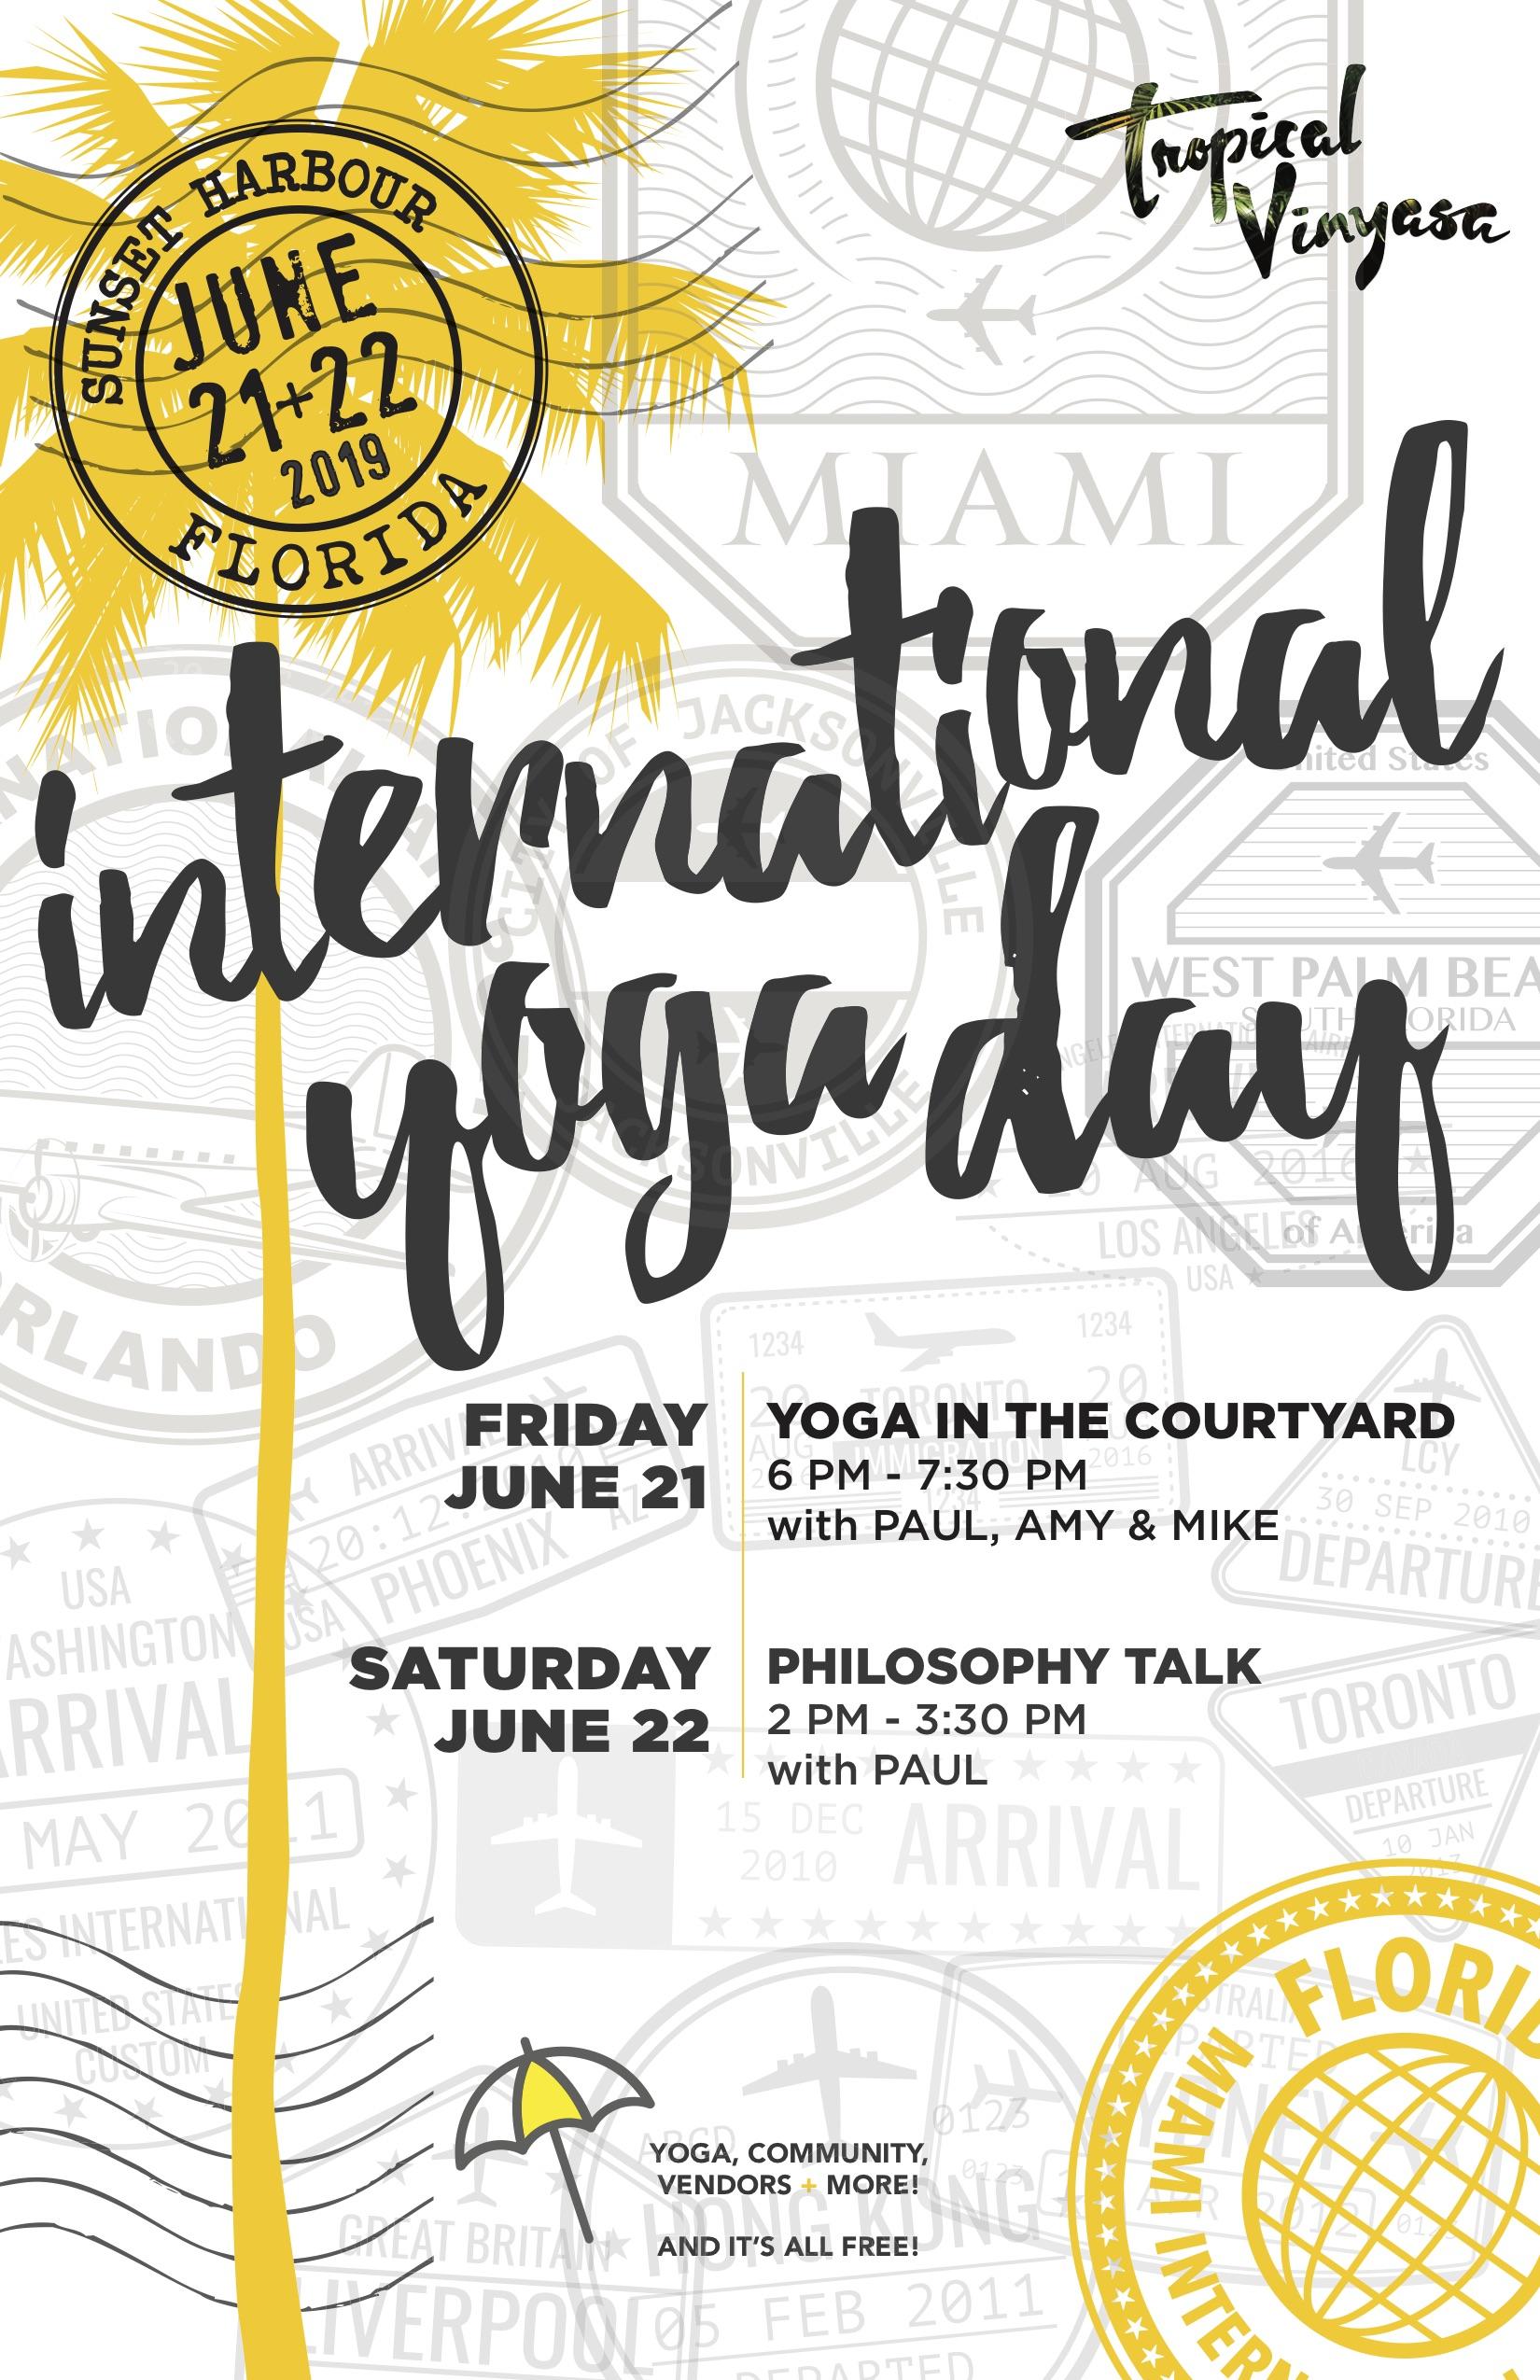 international_yoga_day_19_v3.jpg